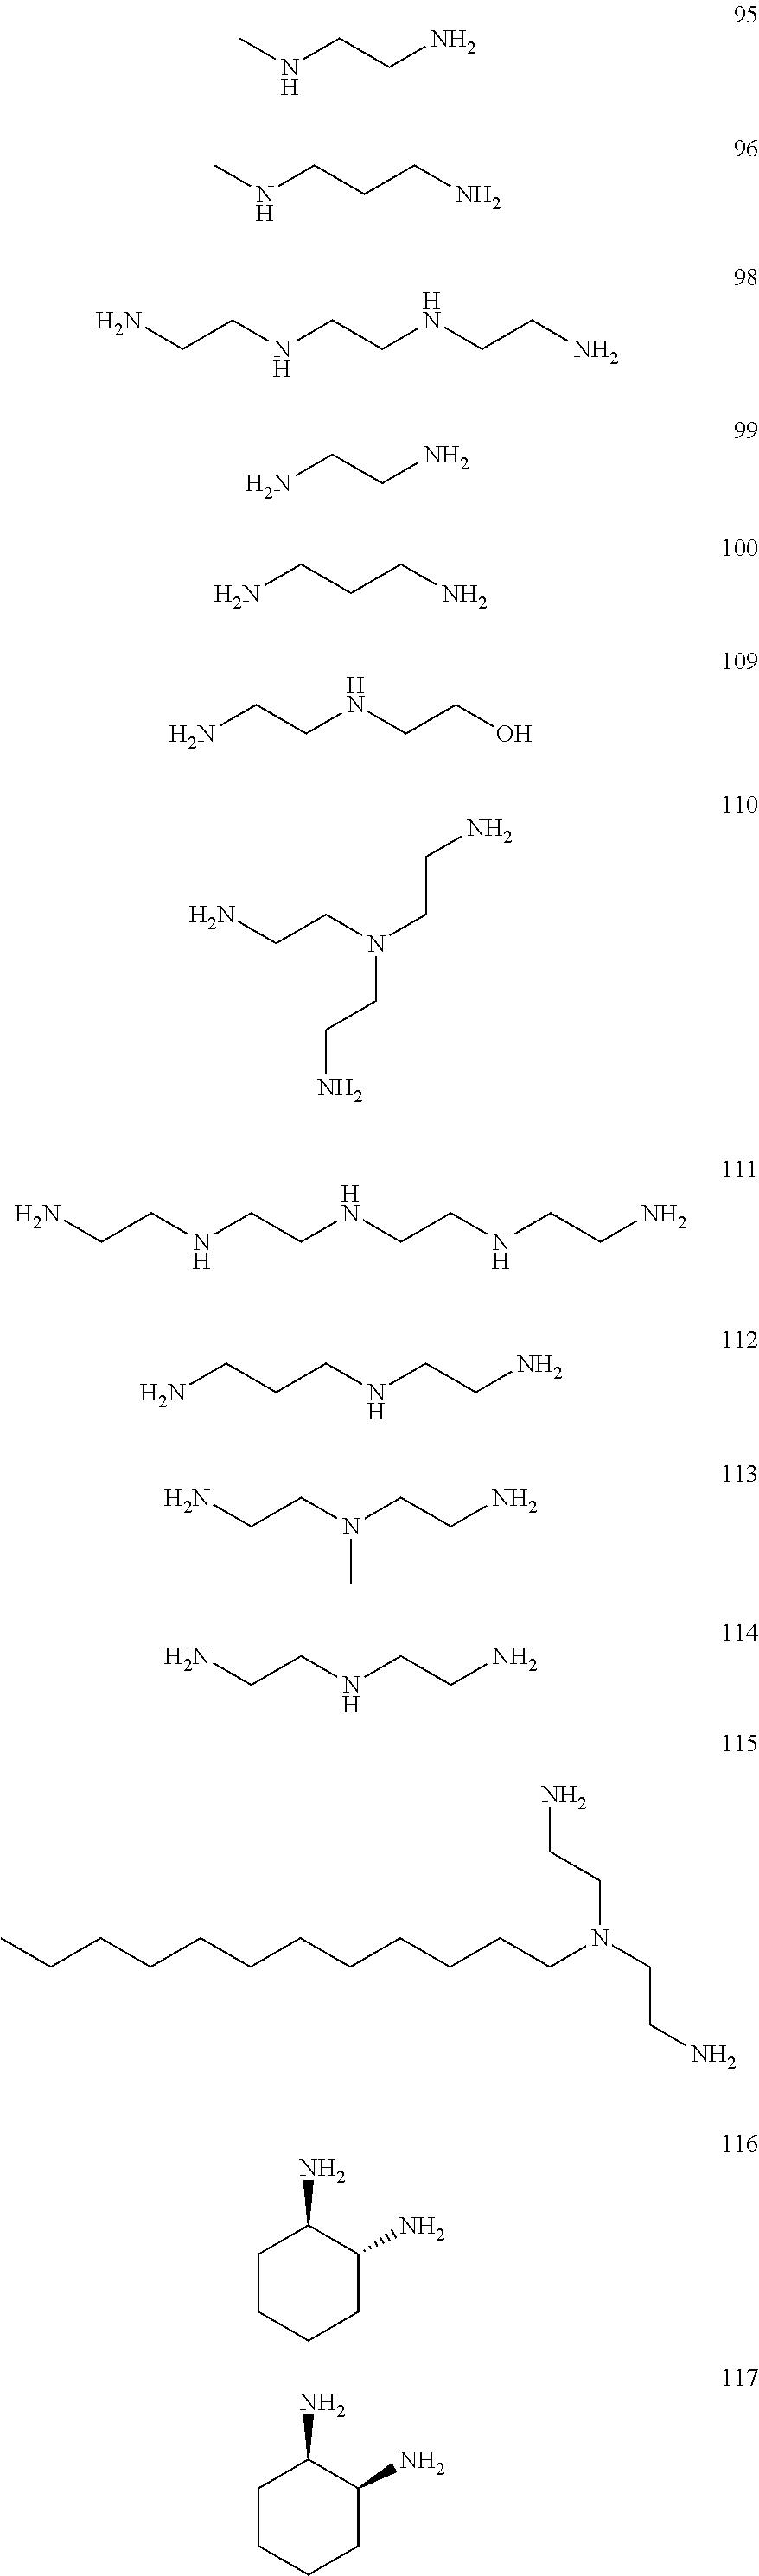 Figure US20110009641A1-20110113-C00283